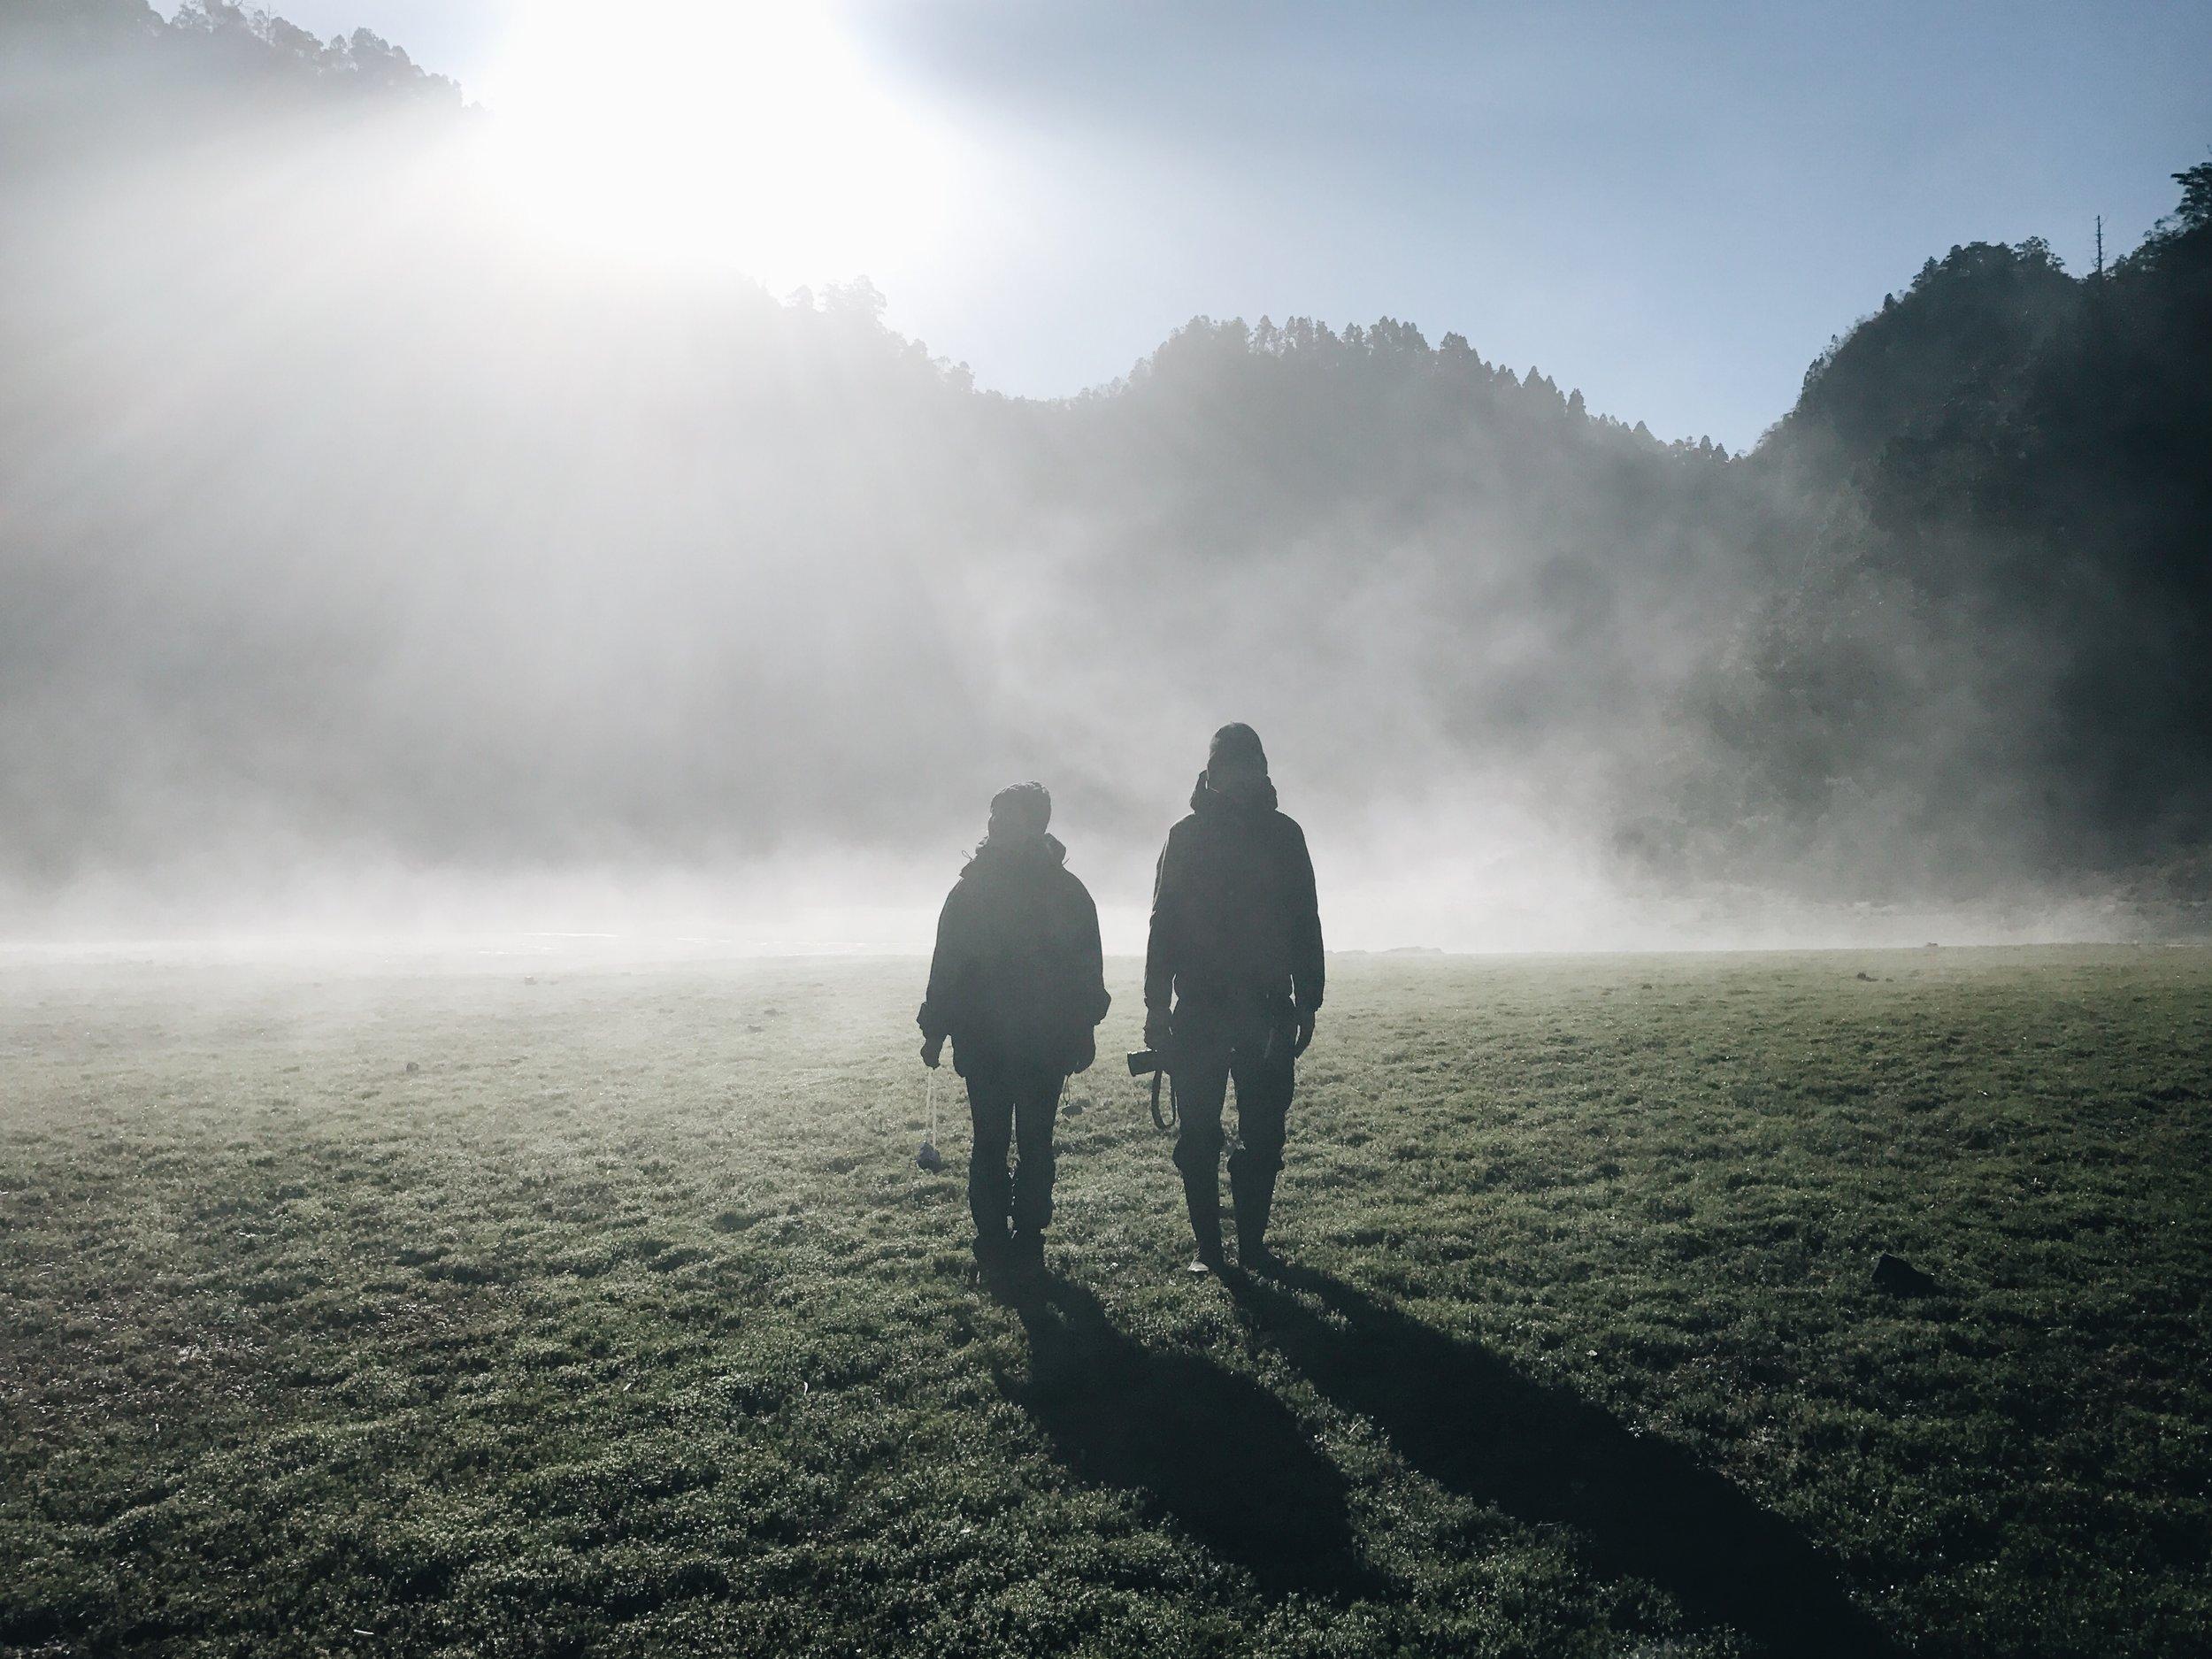 PHOTO 員旅登上松蘿湖  我們的員旅從來都不輕鬆,戶外冒險似乎帶給我們........